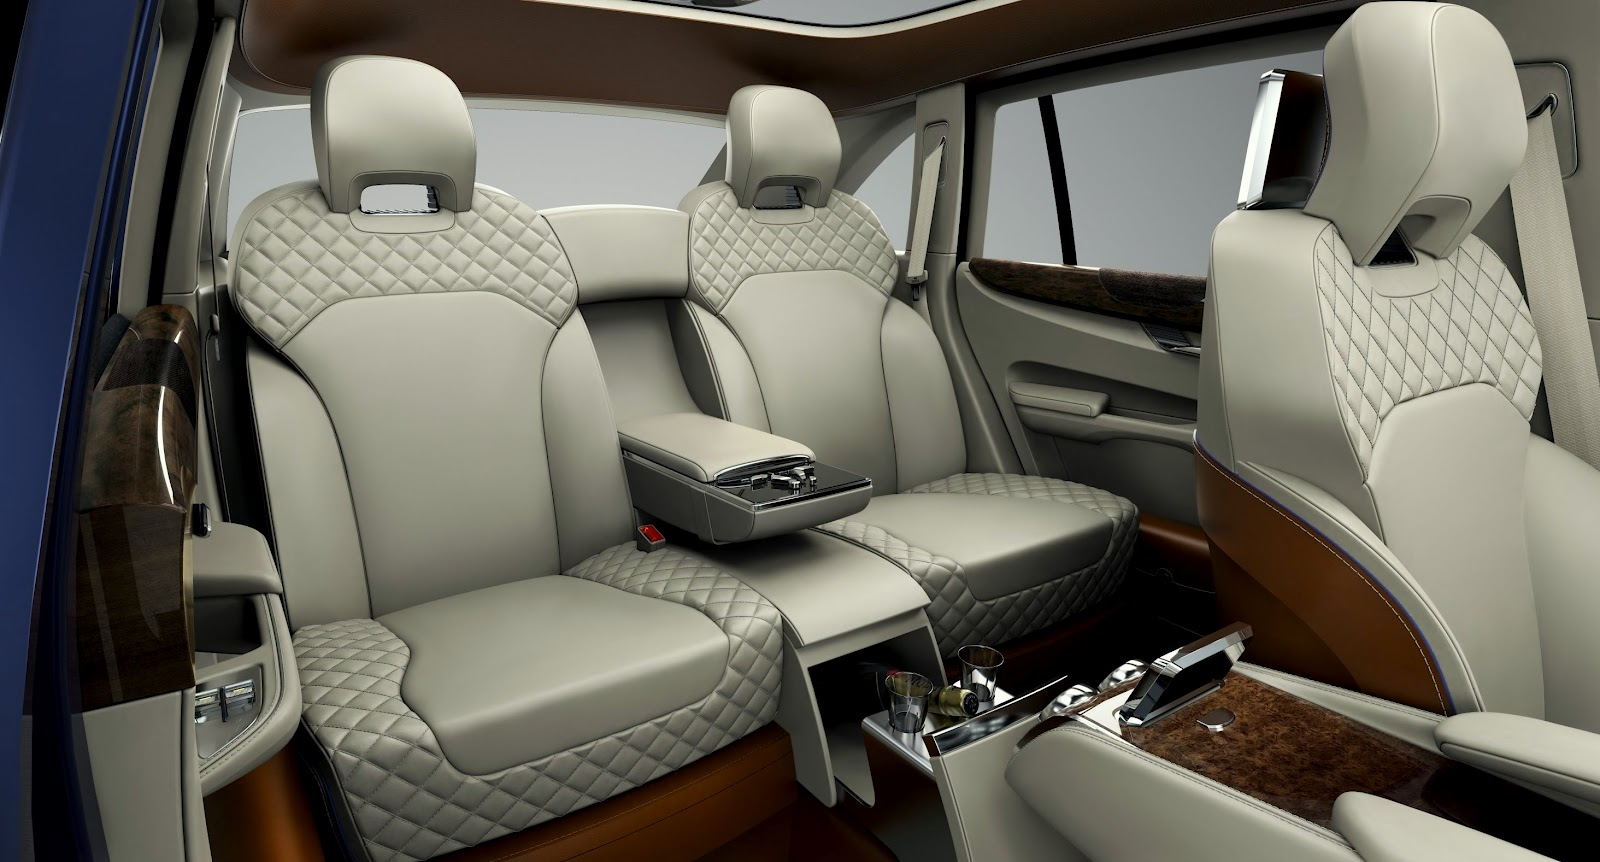 uautoknownet Bentley EXP 9 F reveals motive power in Beijing